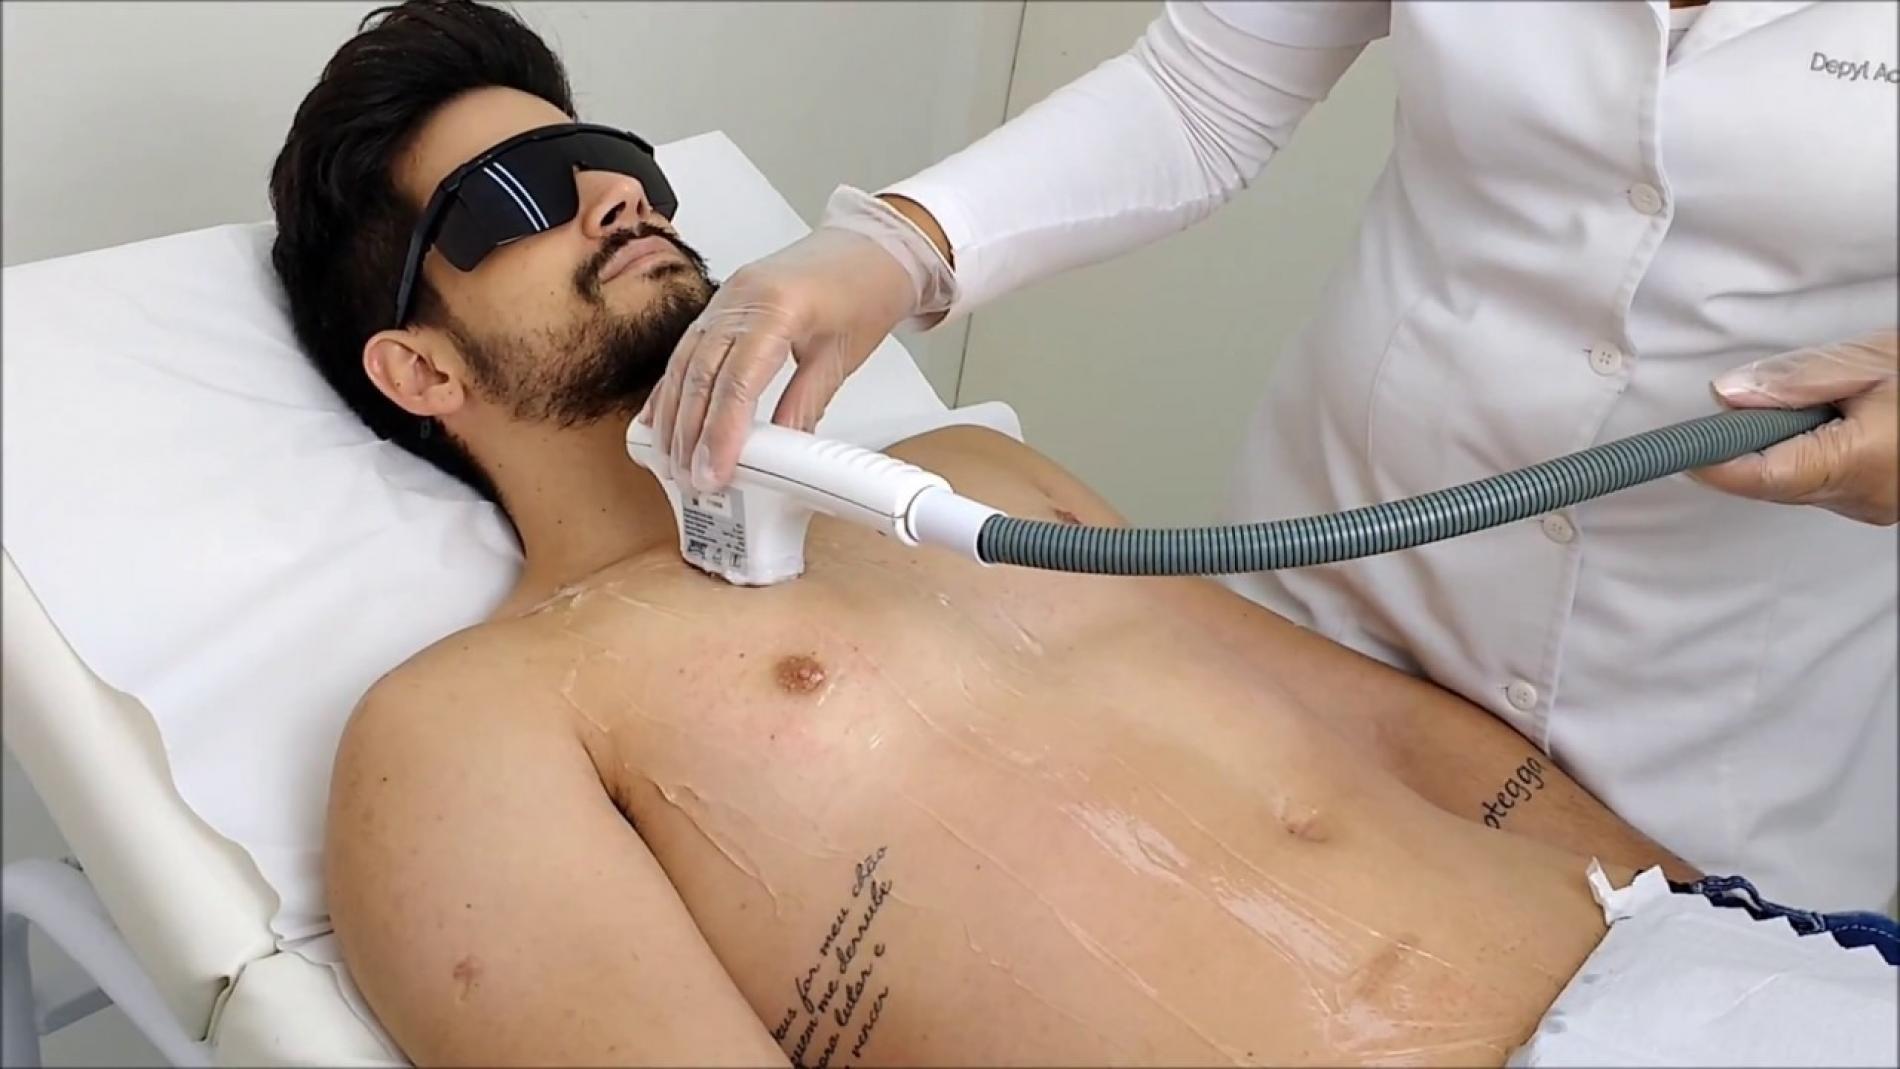 clinica de cirurgia plastica em santos dra. ana lucia lemos fotodepilação2